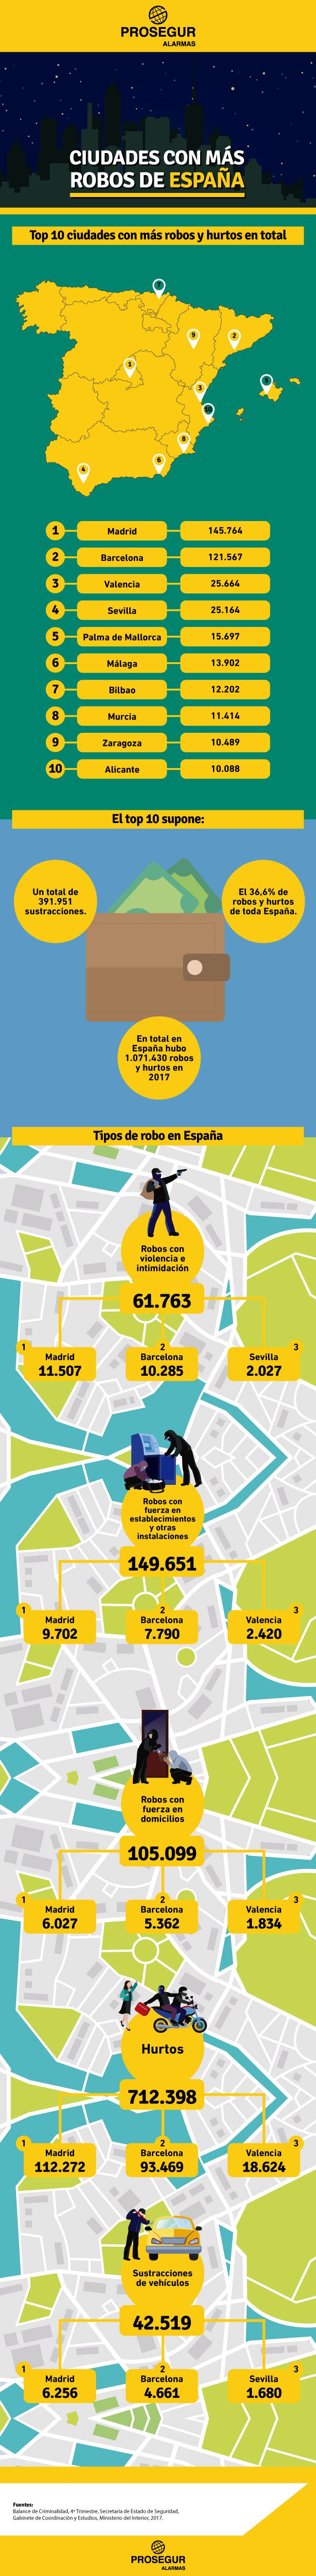 Ciudades con ma�s robos de España - Prosegur